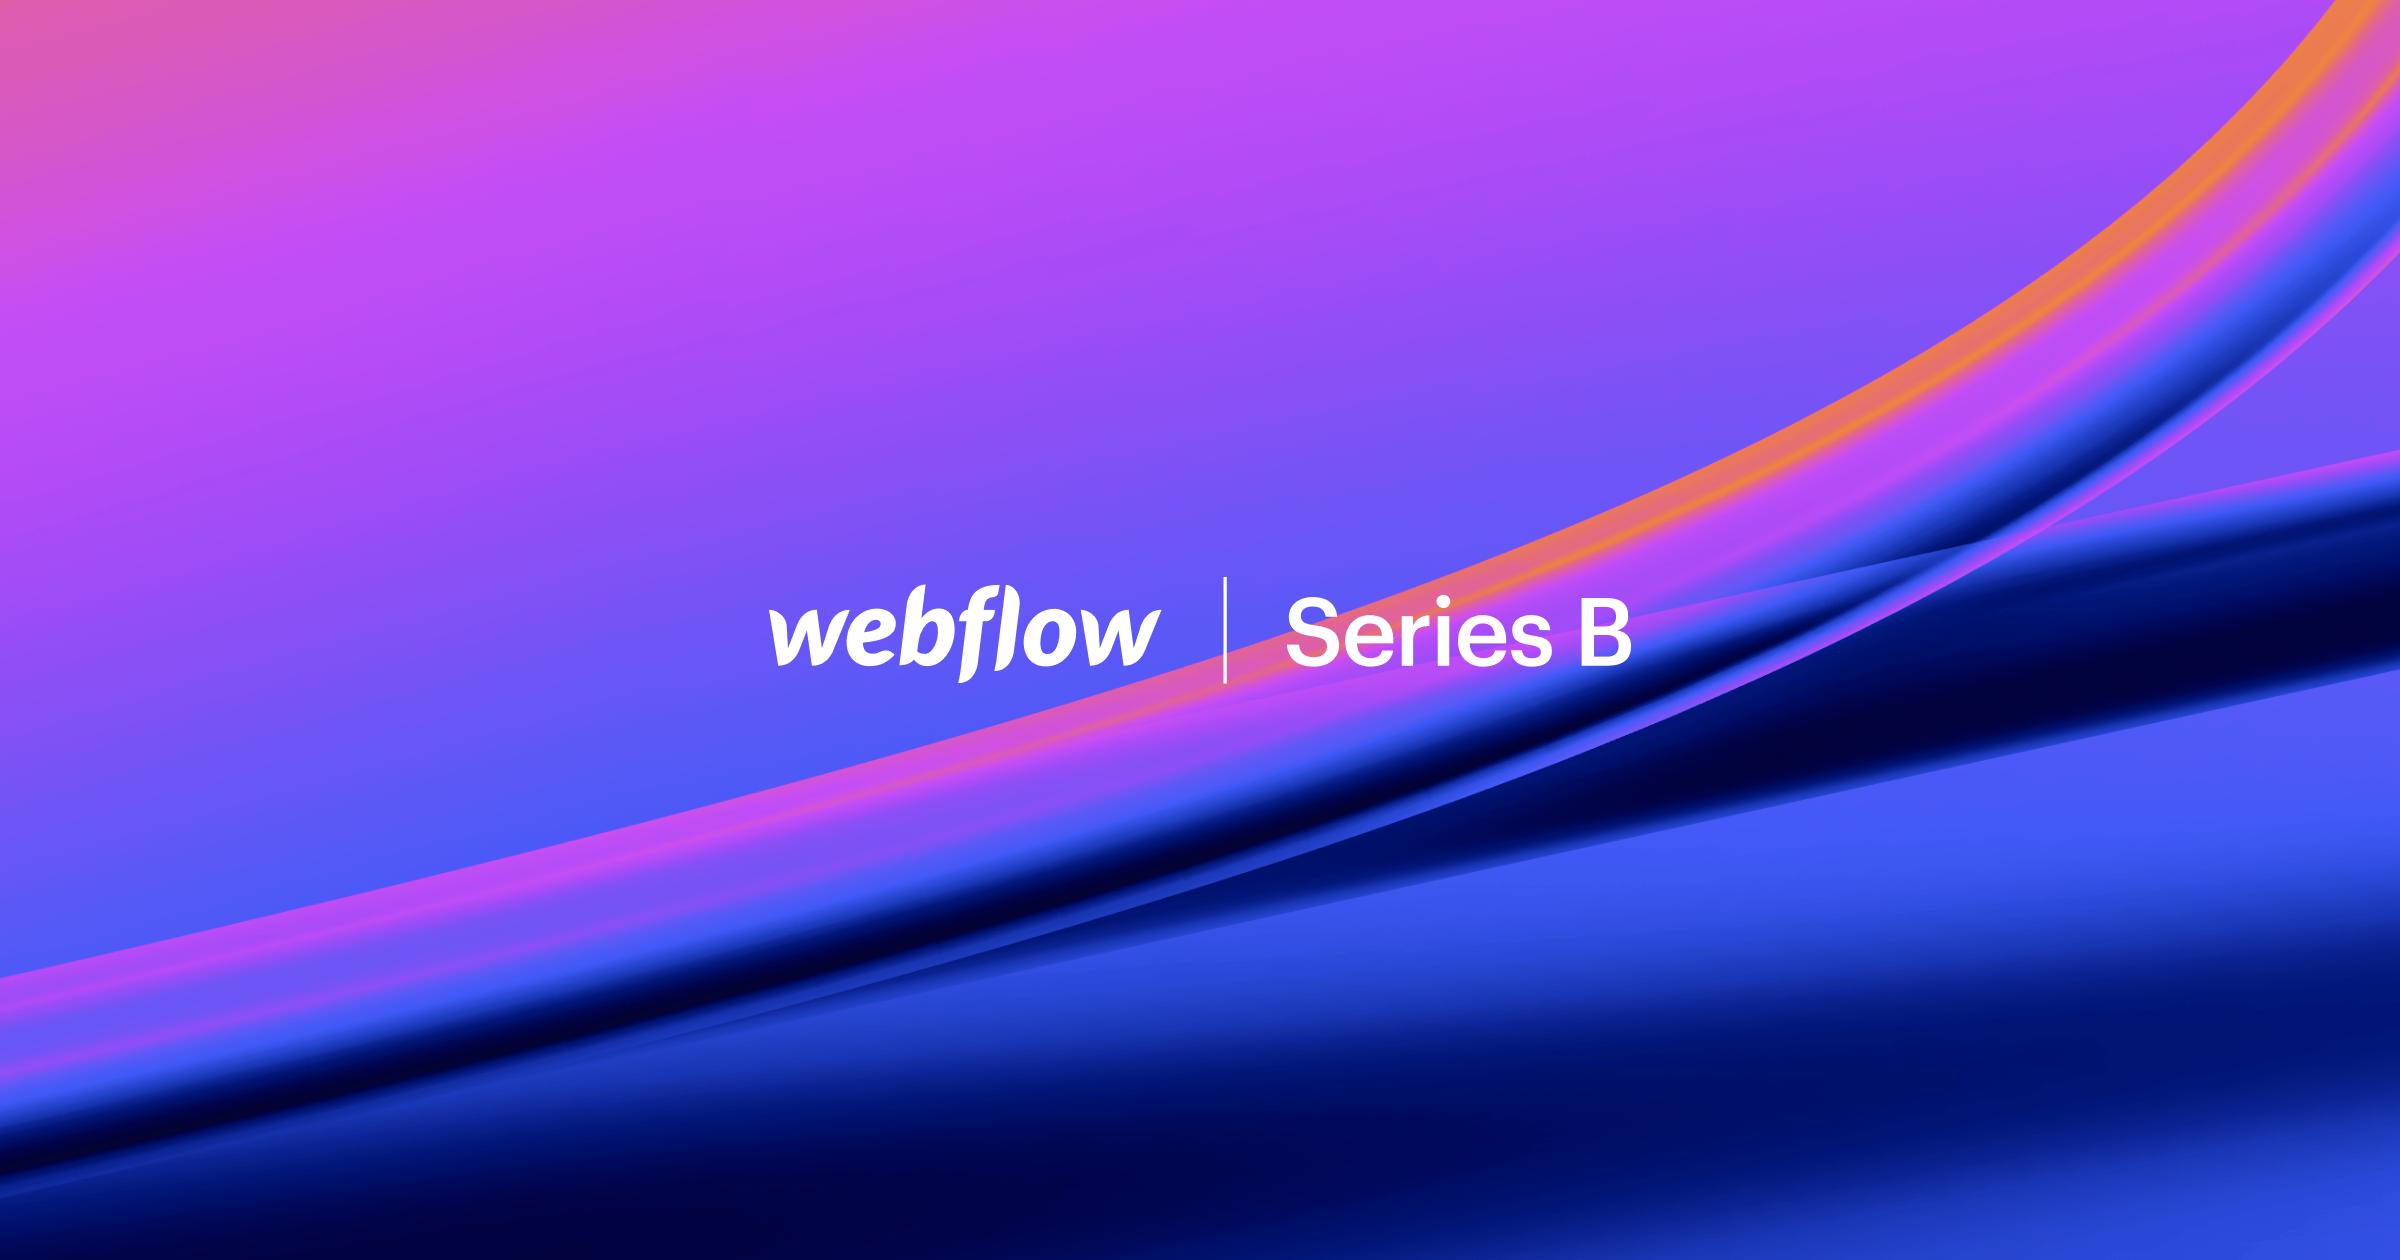 Webflow Series B funding